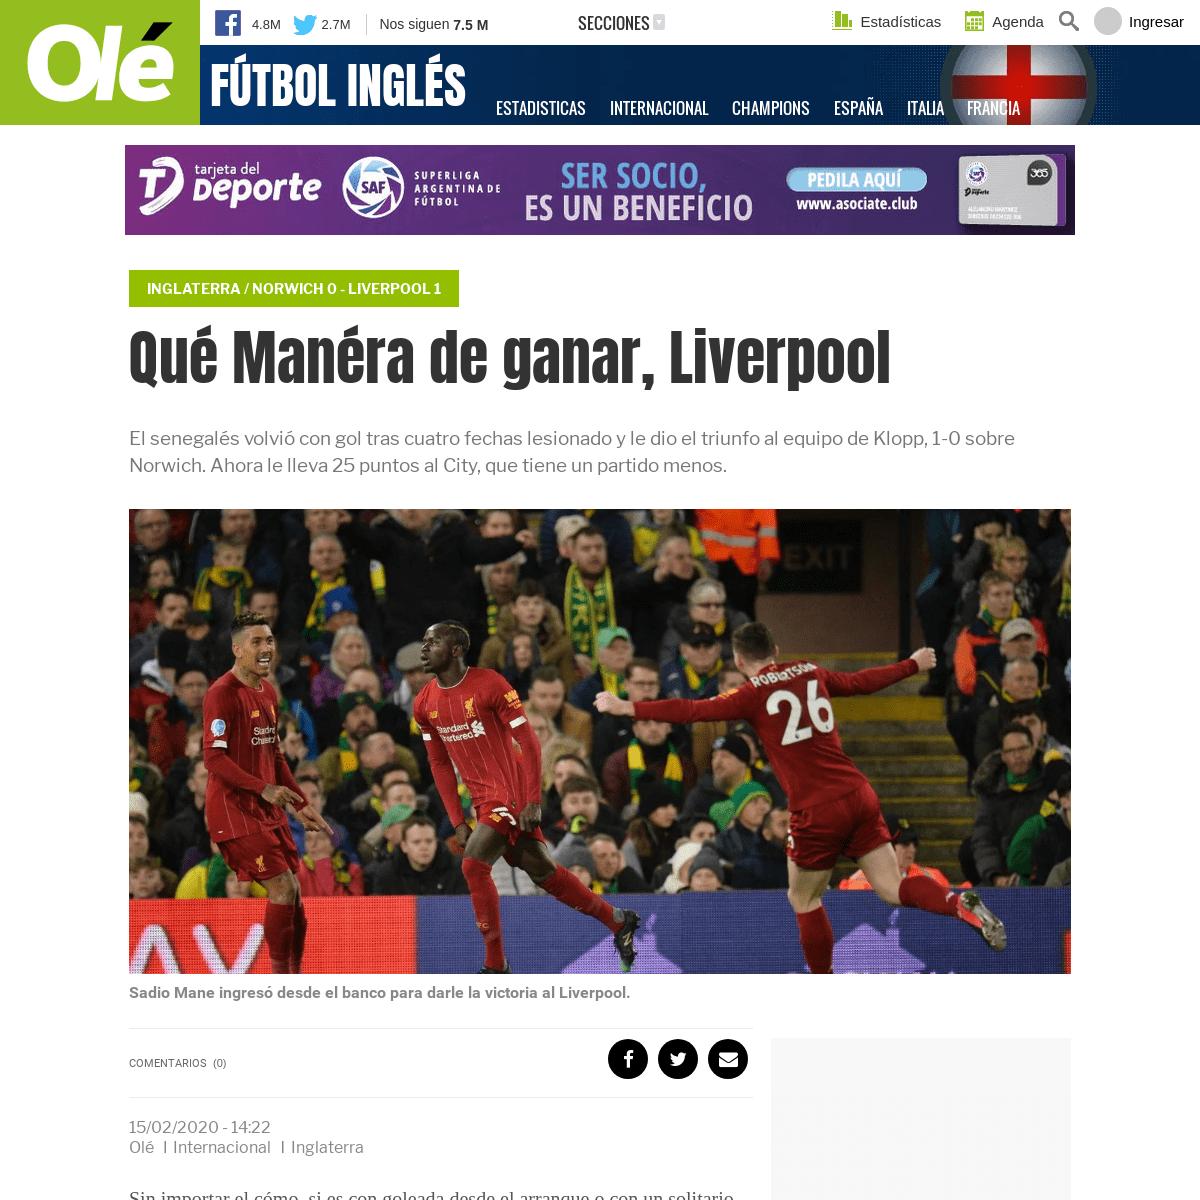 Qué Manéra de ganar, Liverpool - Olé